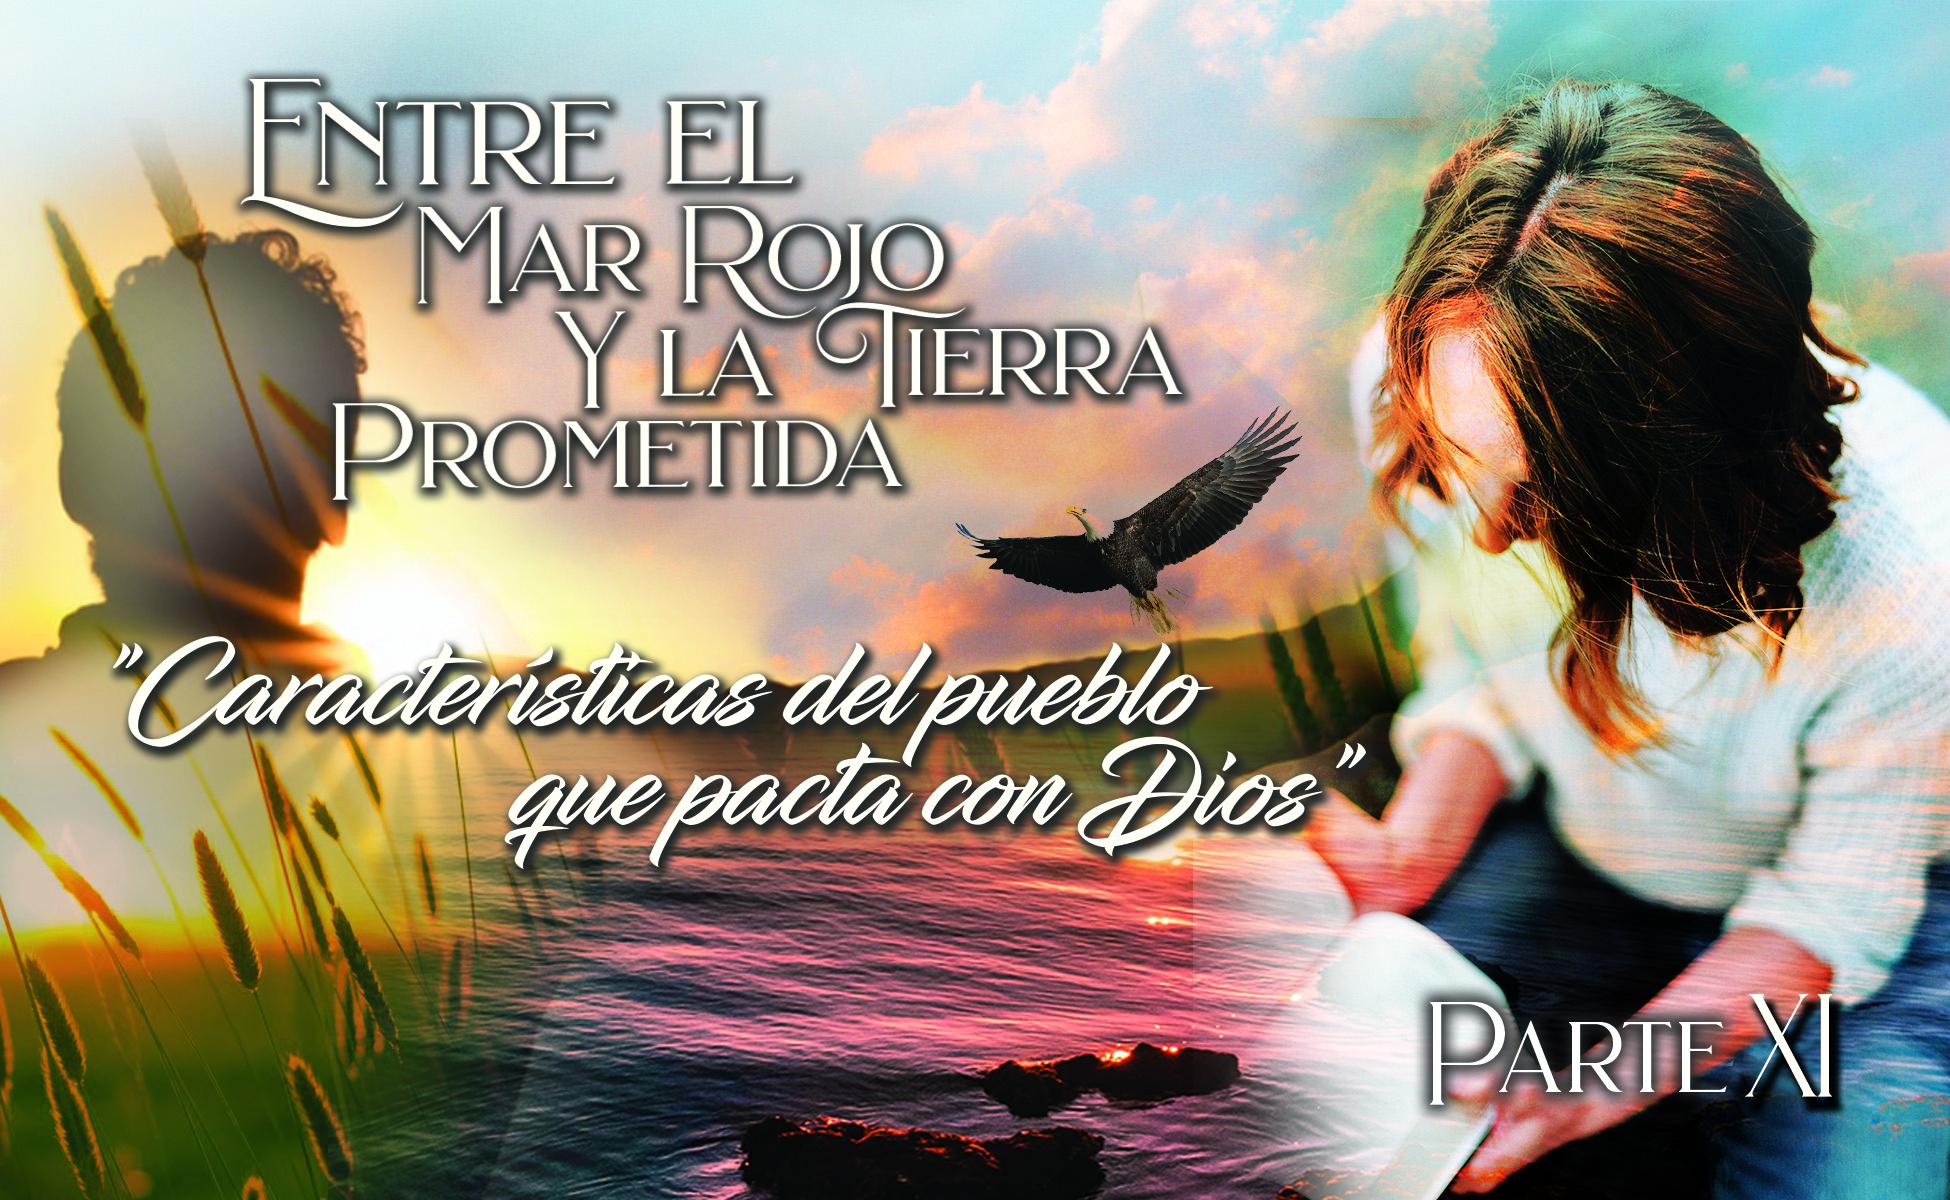 """758 • Entre el Mar Rojo y la Tierra Prometida: """"Características del pueblo que pacta con Dios"""" [Parte XI] • El Heraldo Institucional del 23 de agosto del 2020 • Volumen XV • 758"""